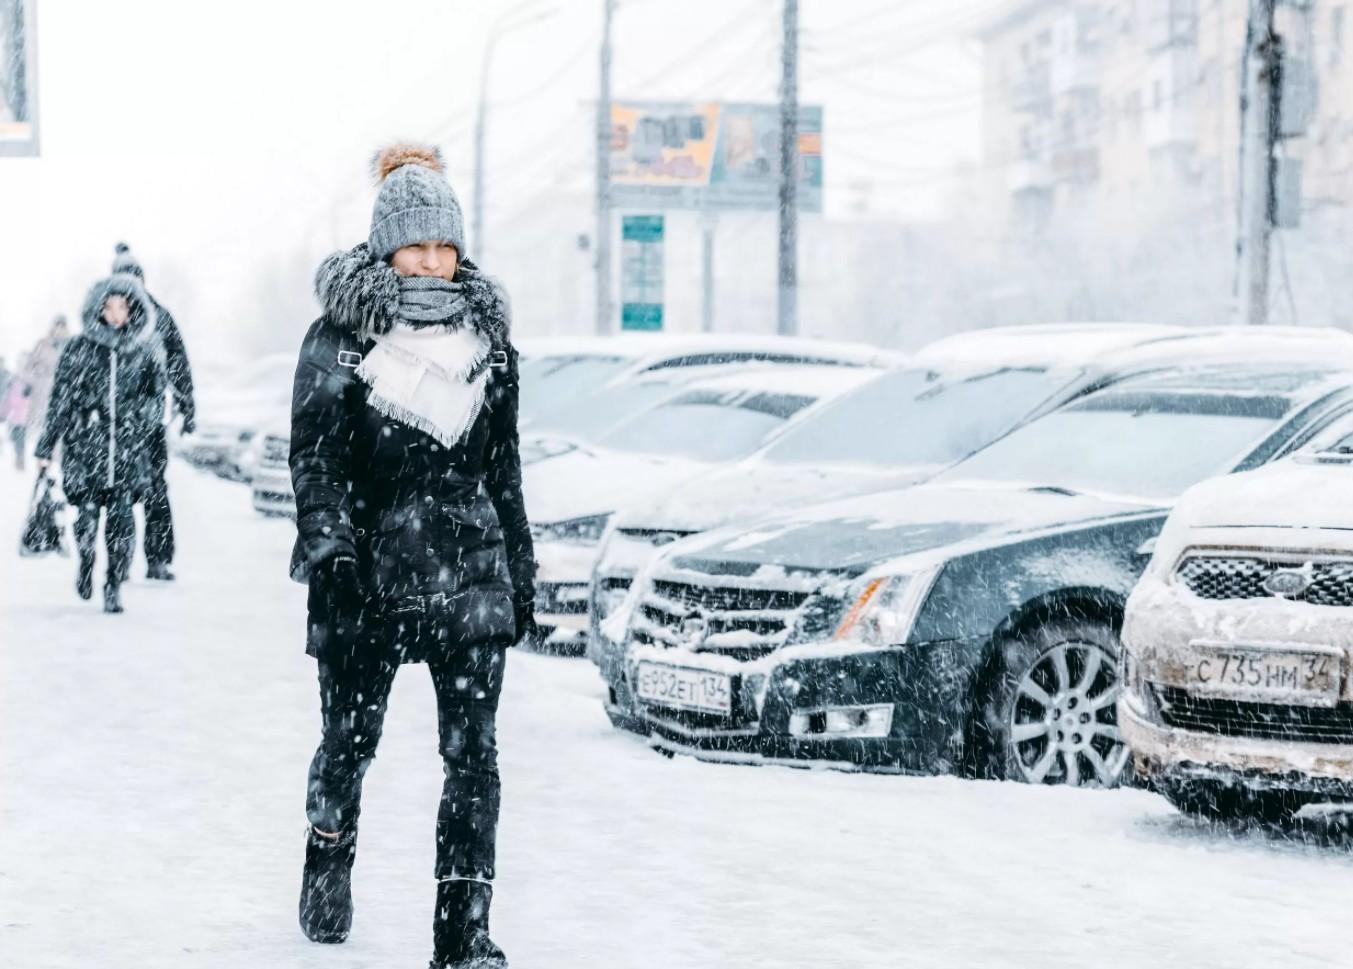 Климатические особенности Волгограда: какие они? Погода умеренная и континентальная.